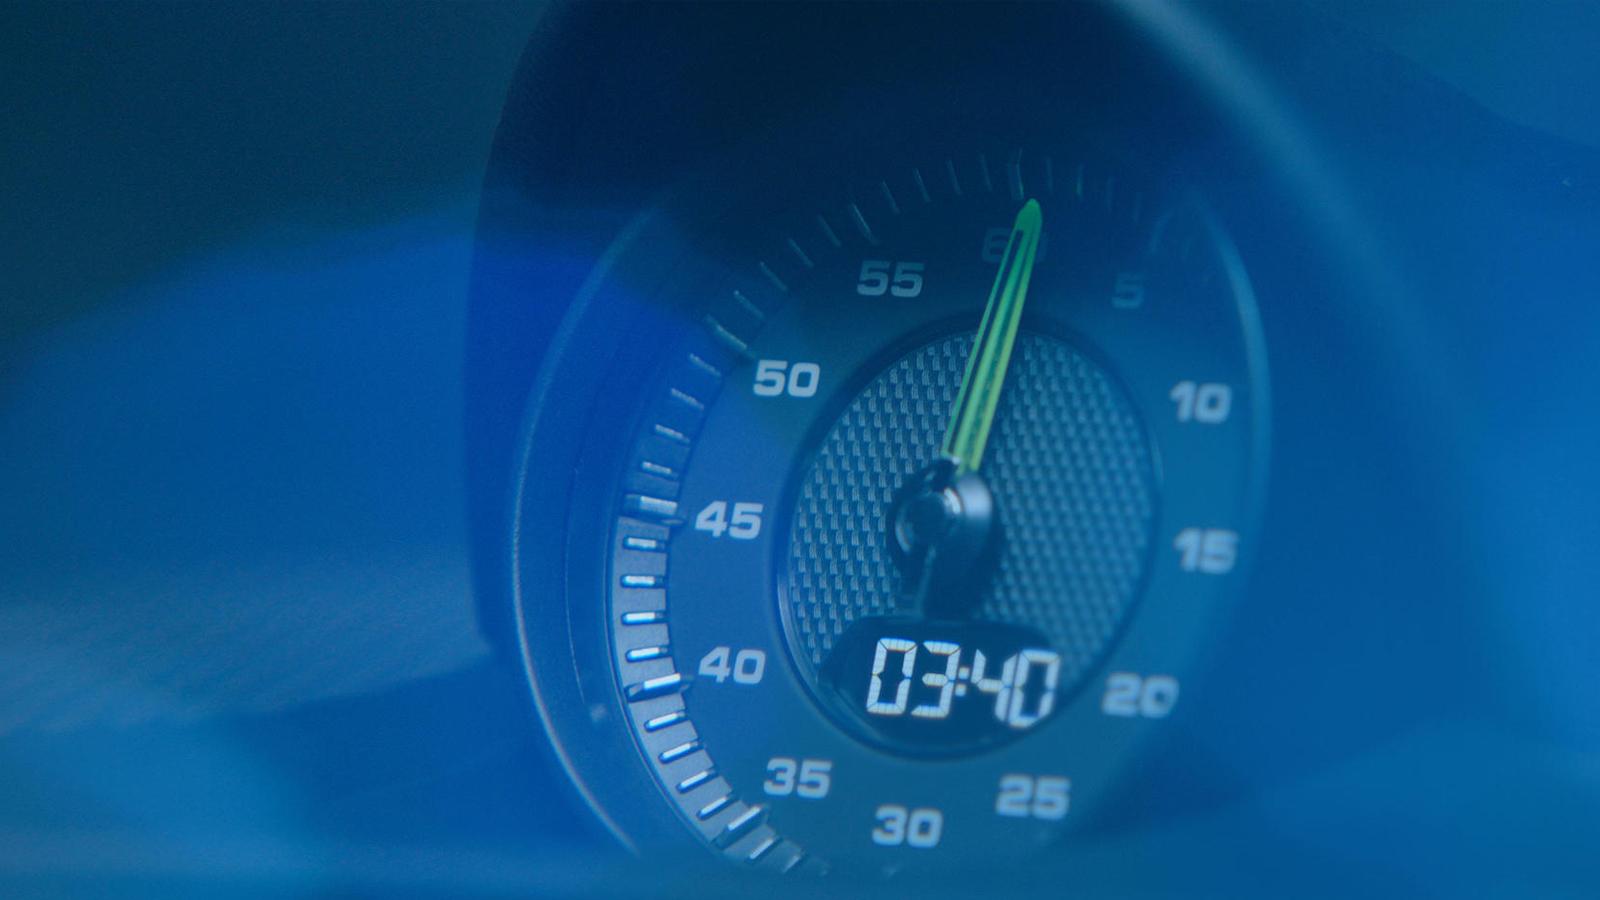 Porsche 3.4 seconds